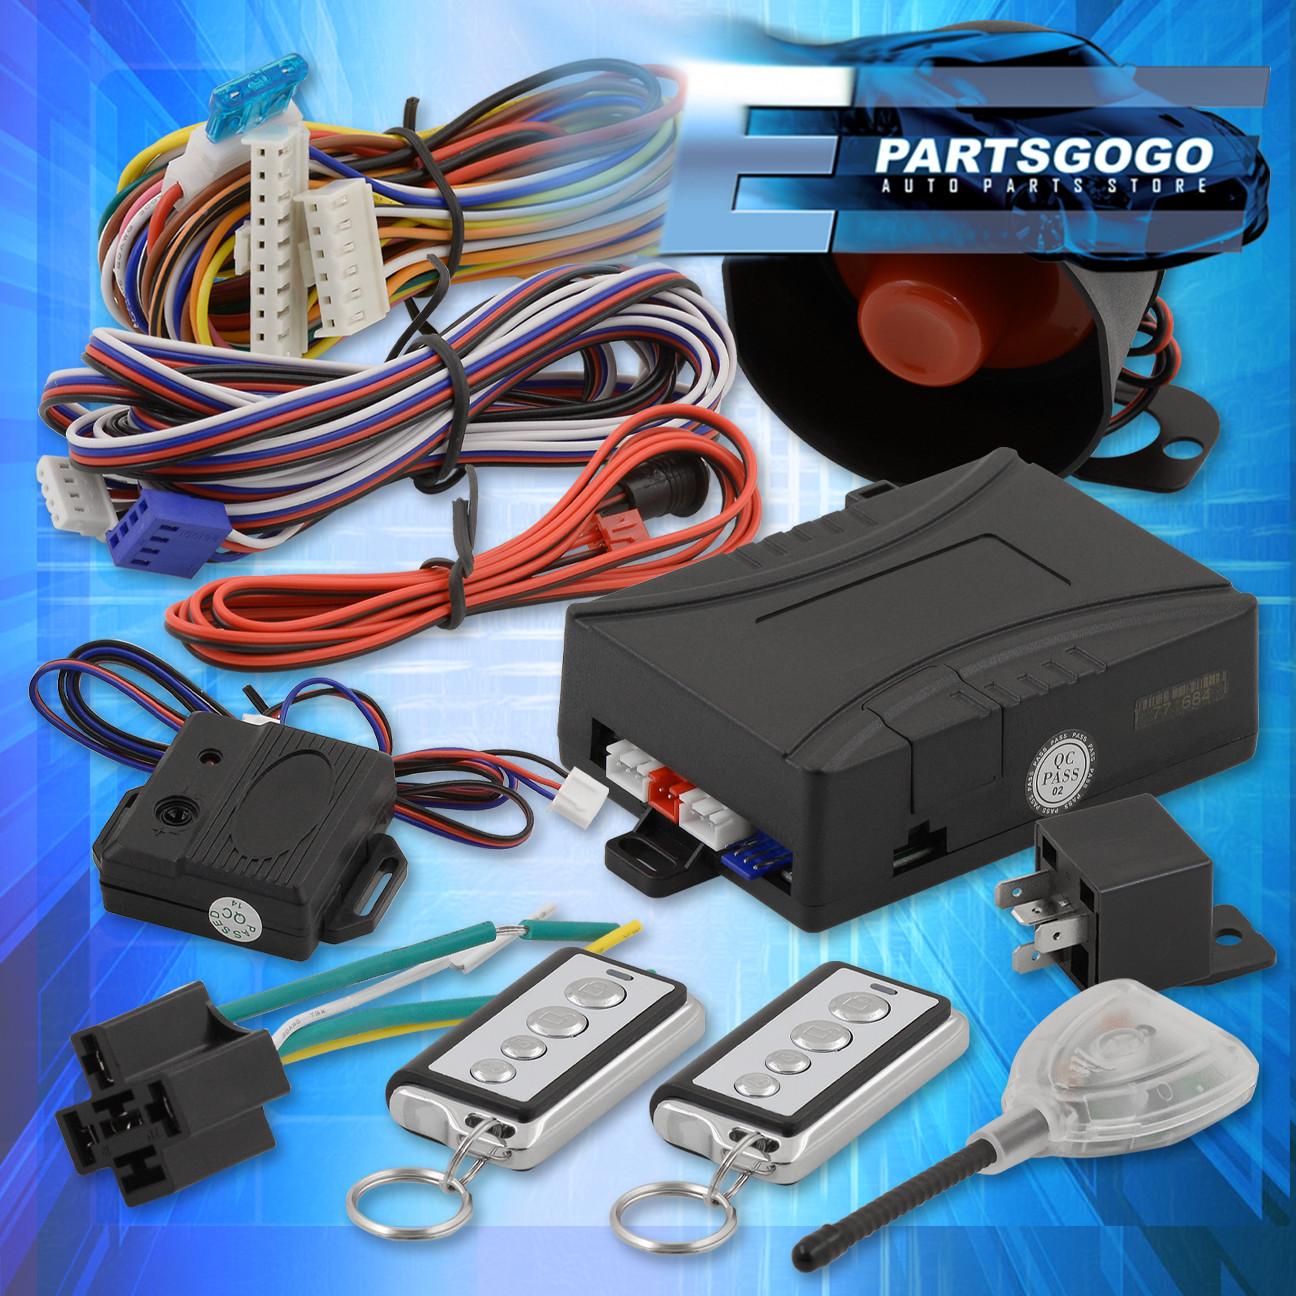 Jdm Remote Starter Engine Start Car Alarm System With